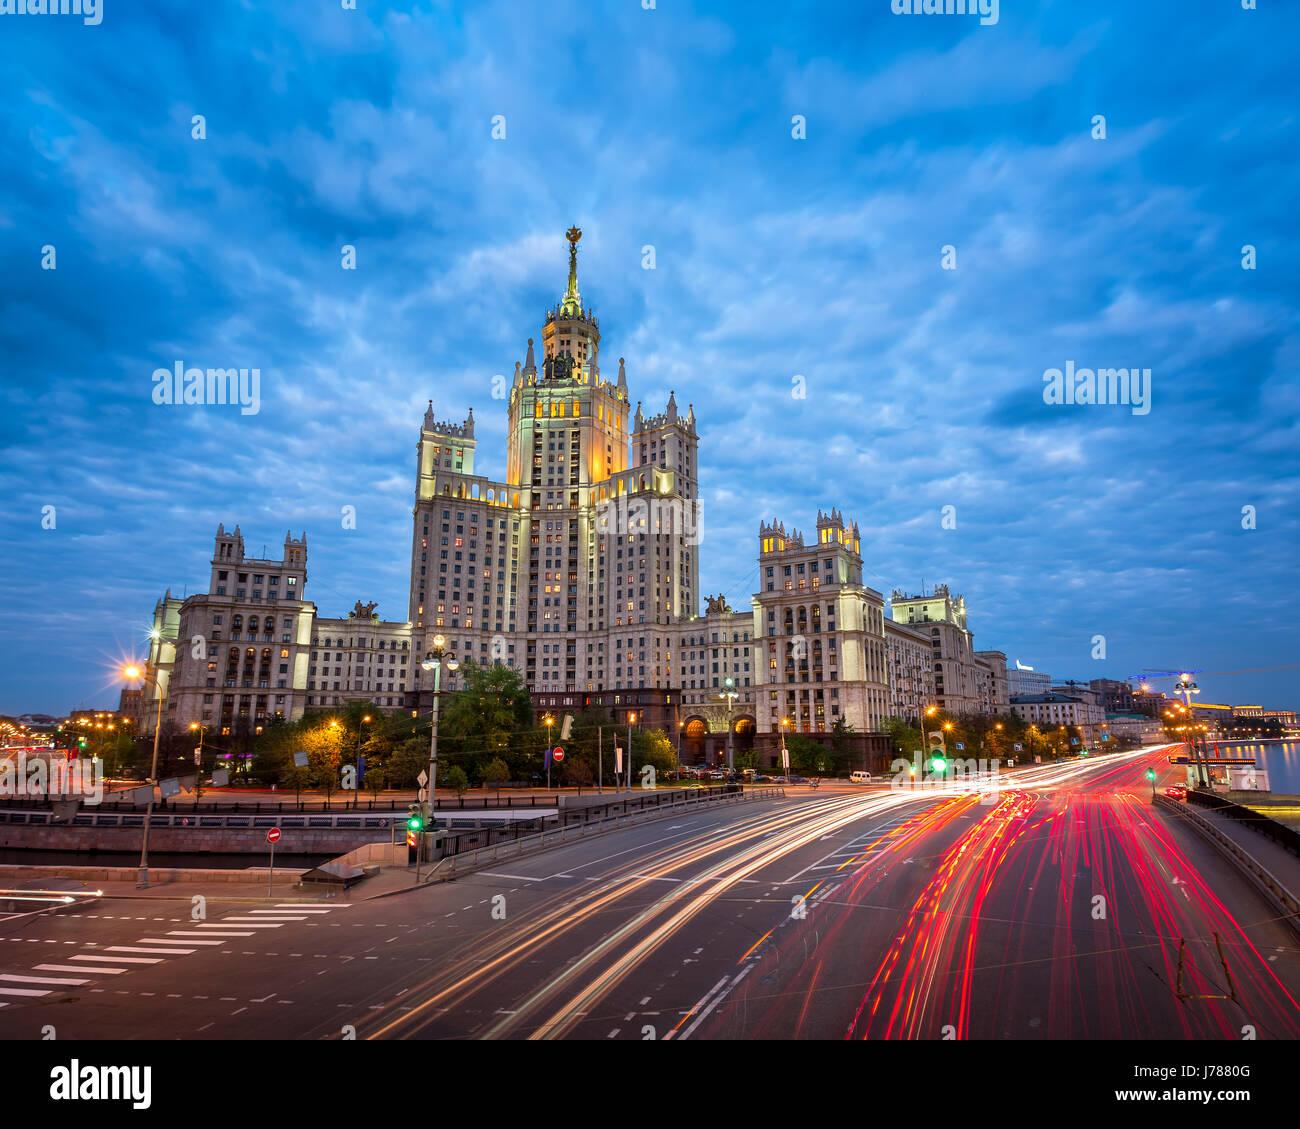 Kotelnicheskaya Embankment Building, una de las Siete Hermanas de Moscú en la tarde, Moscú, Rusia Foto de stock